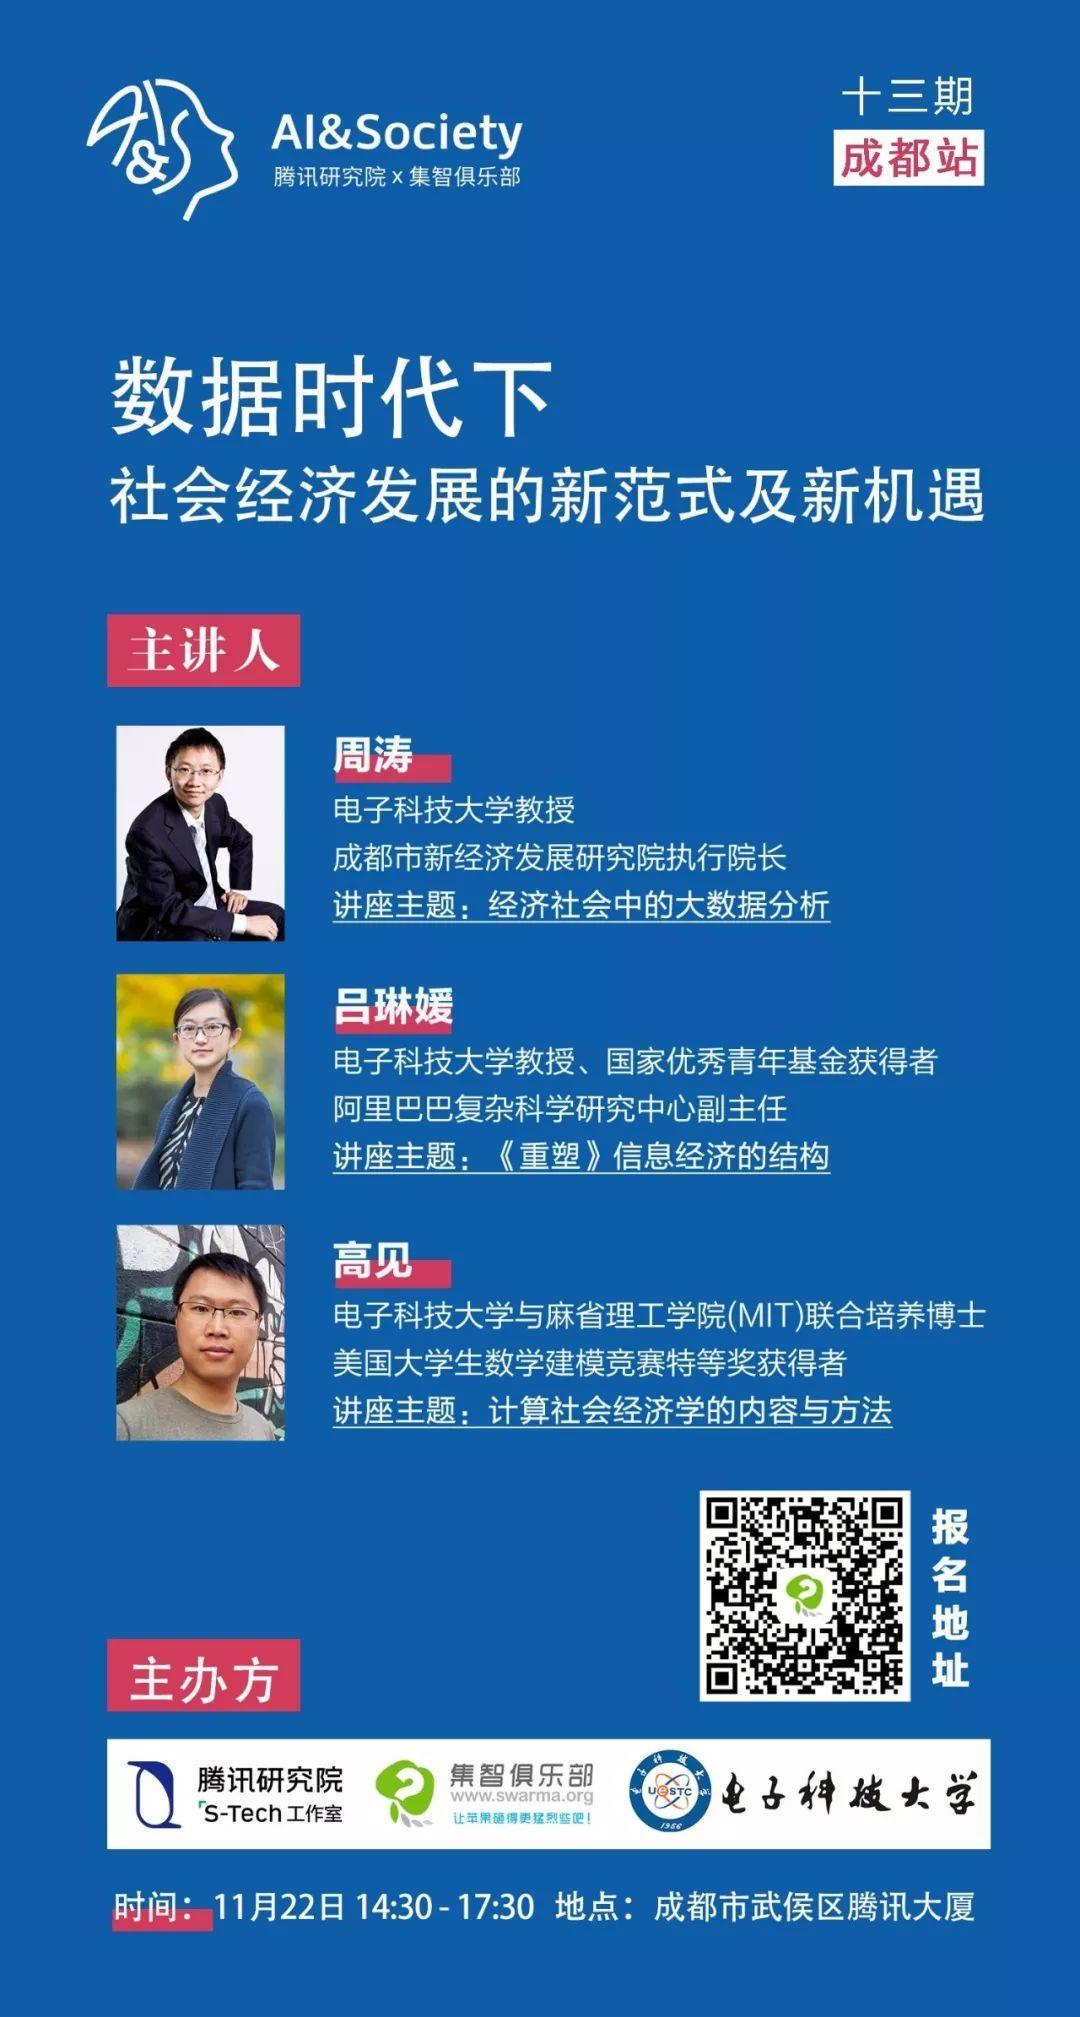 成都讲座预告 | 张江:复杂网络上的深度学习-集智俱乐部